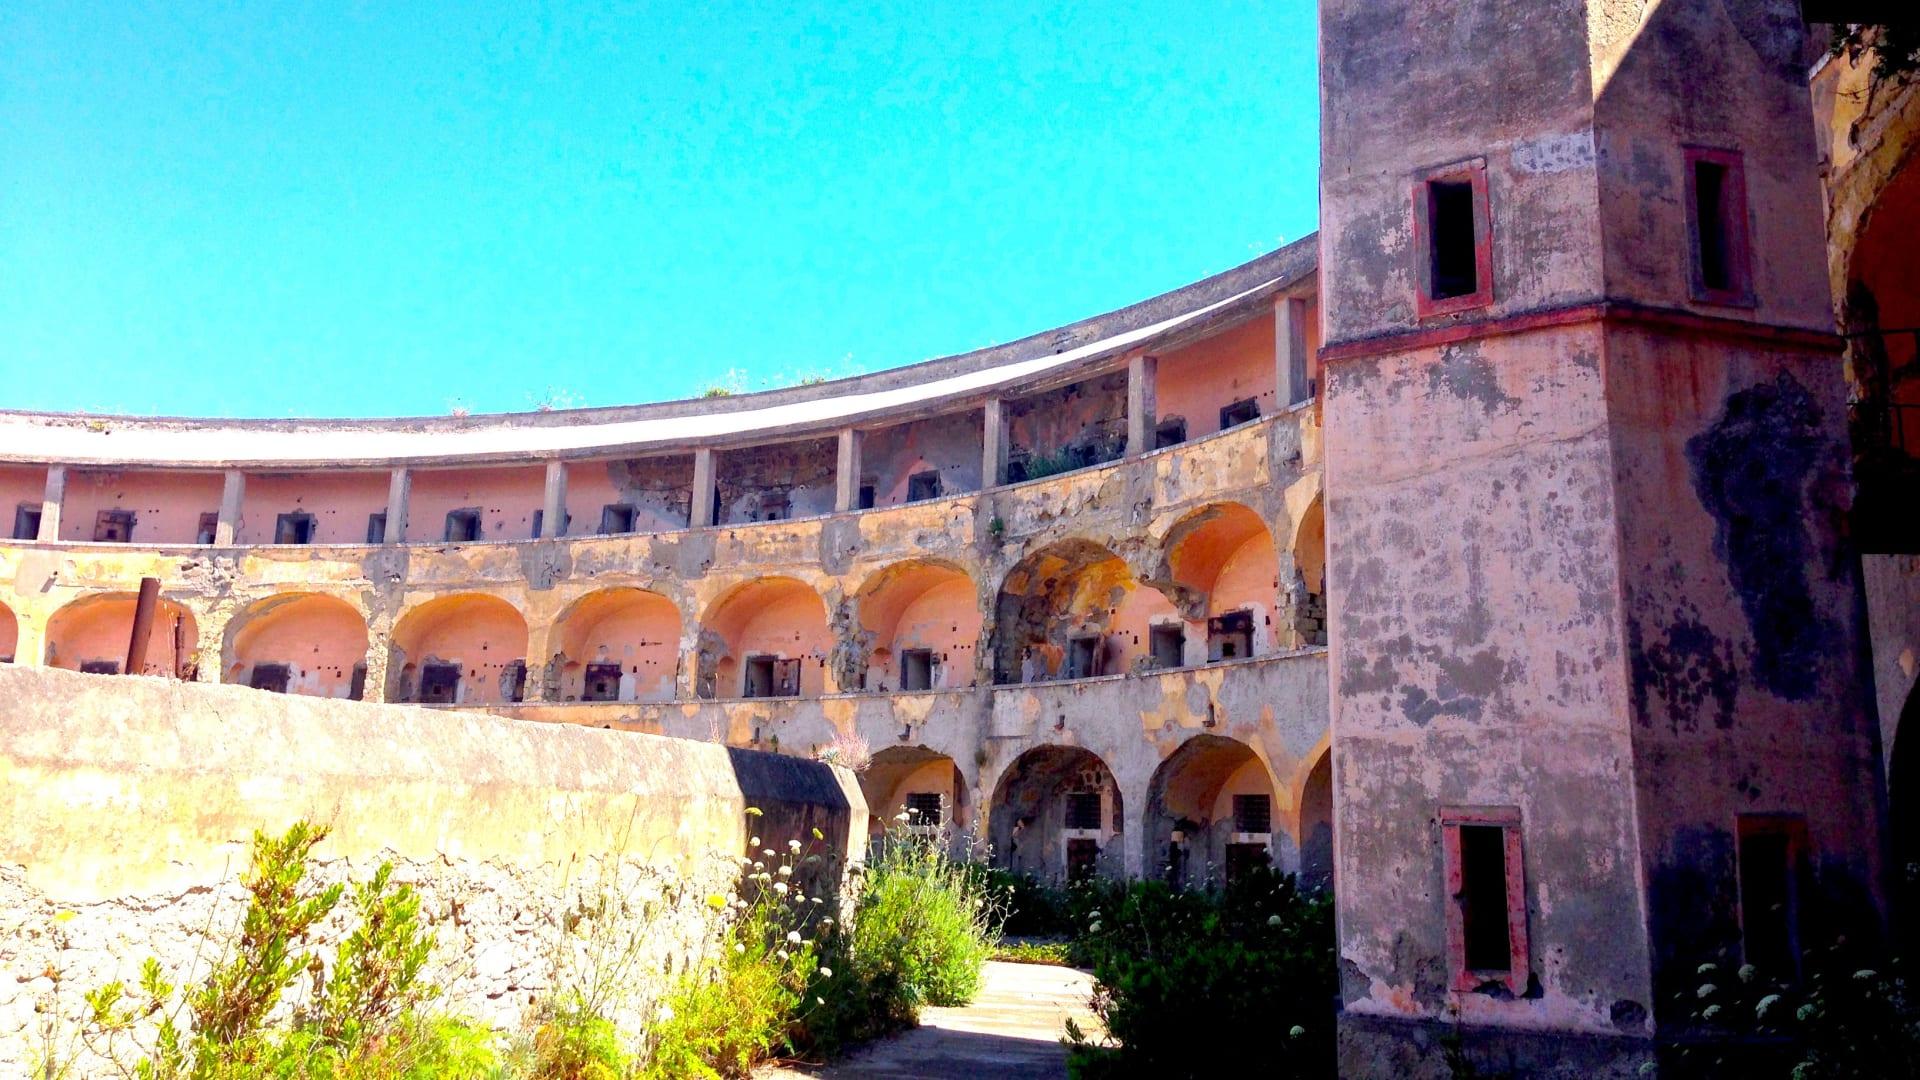 تاريخ حزين..إيطاليا تخطط لإعادة إحياء جزيرة استخدمت سابقاً كسجن للمجرمين